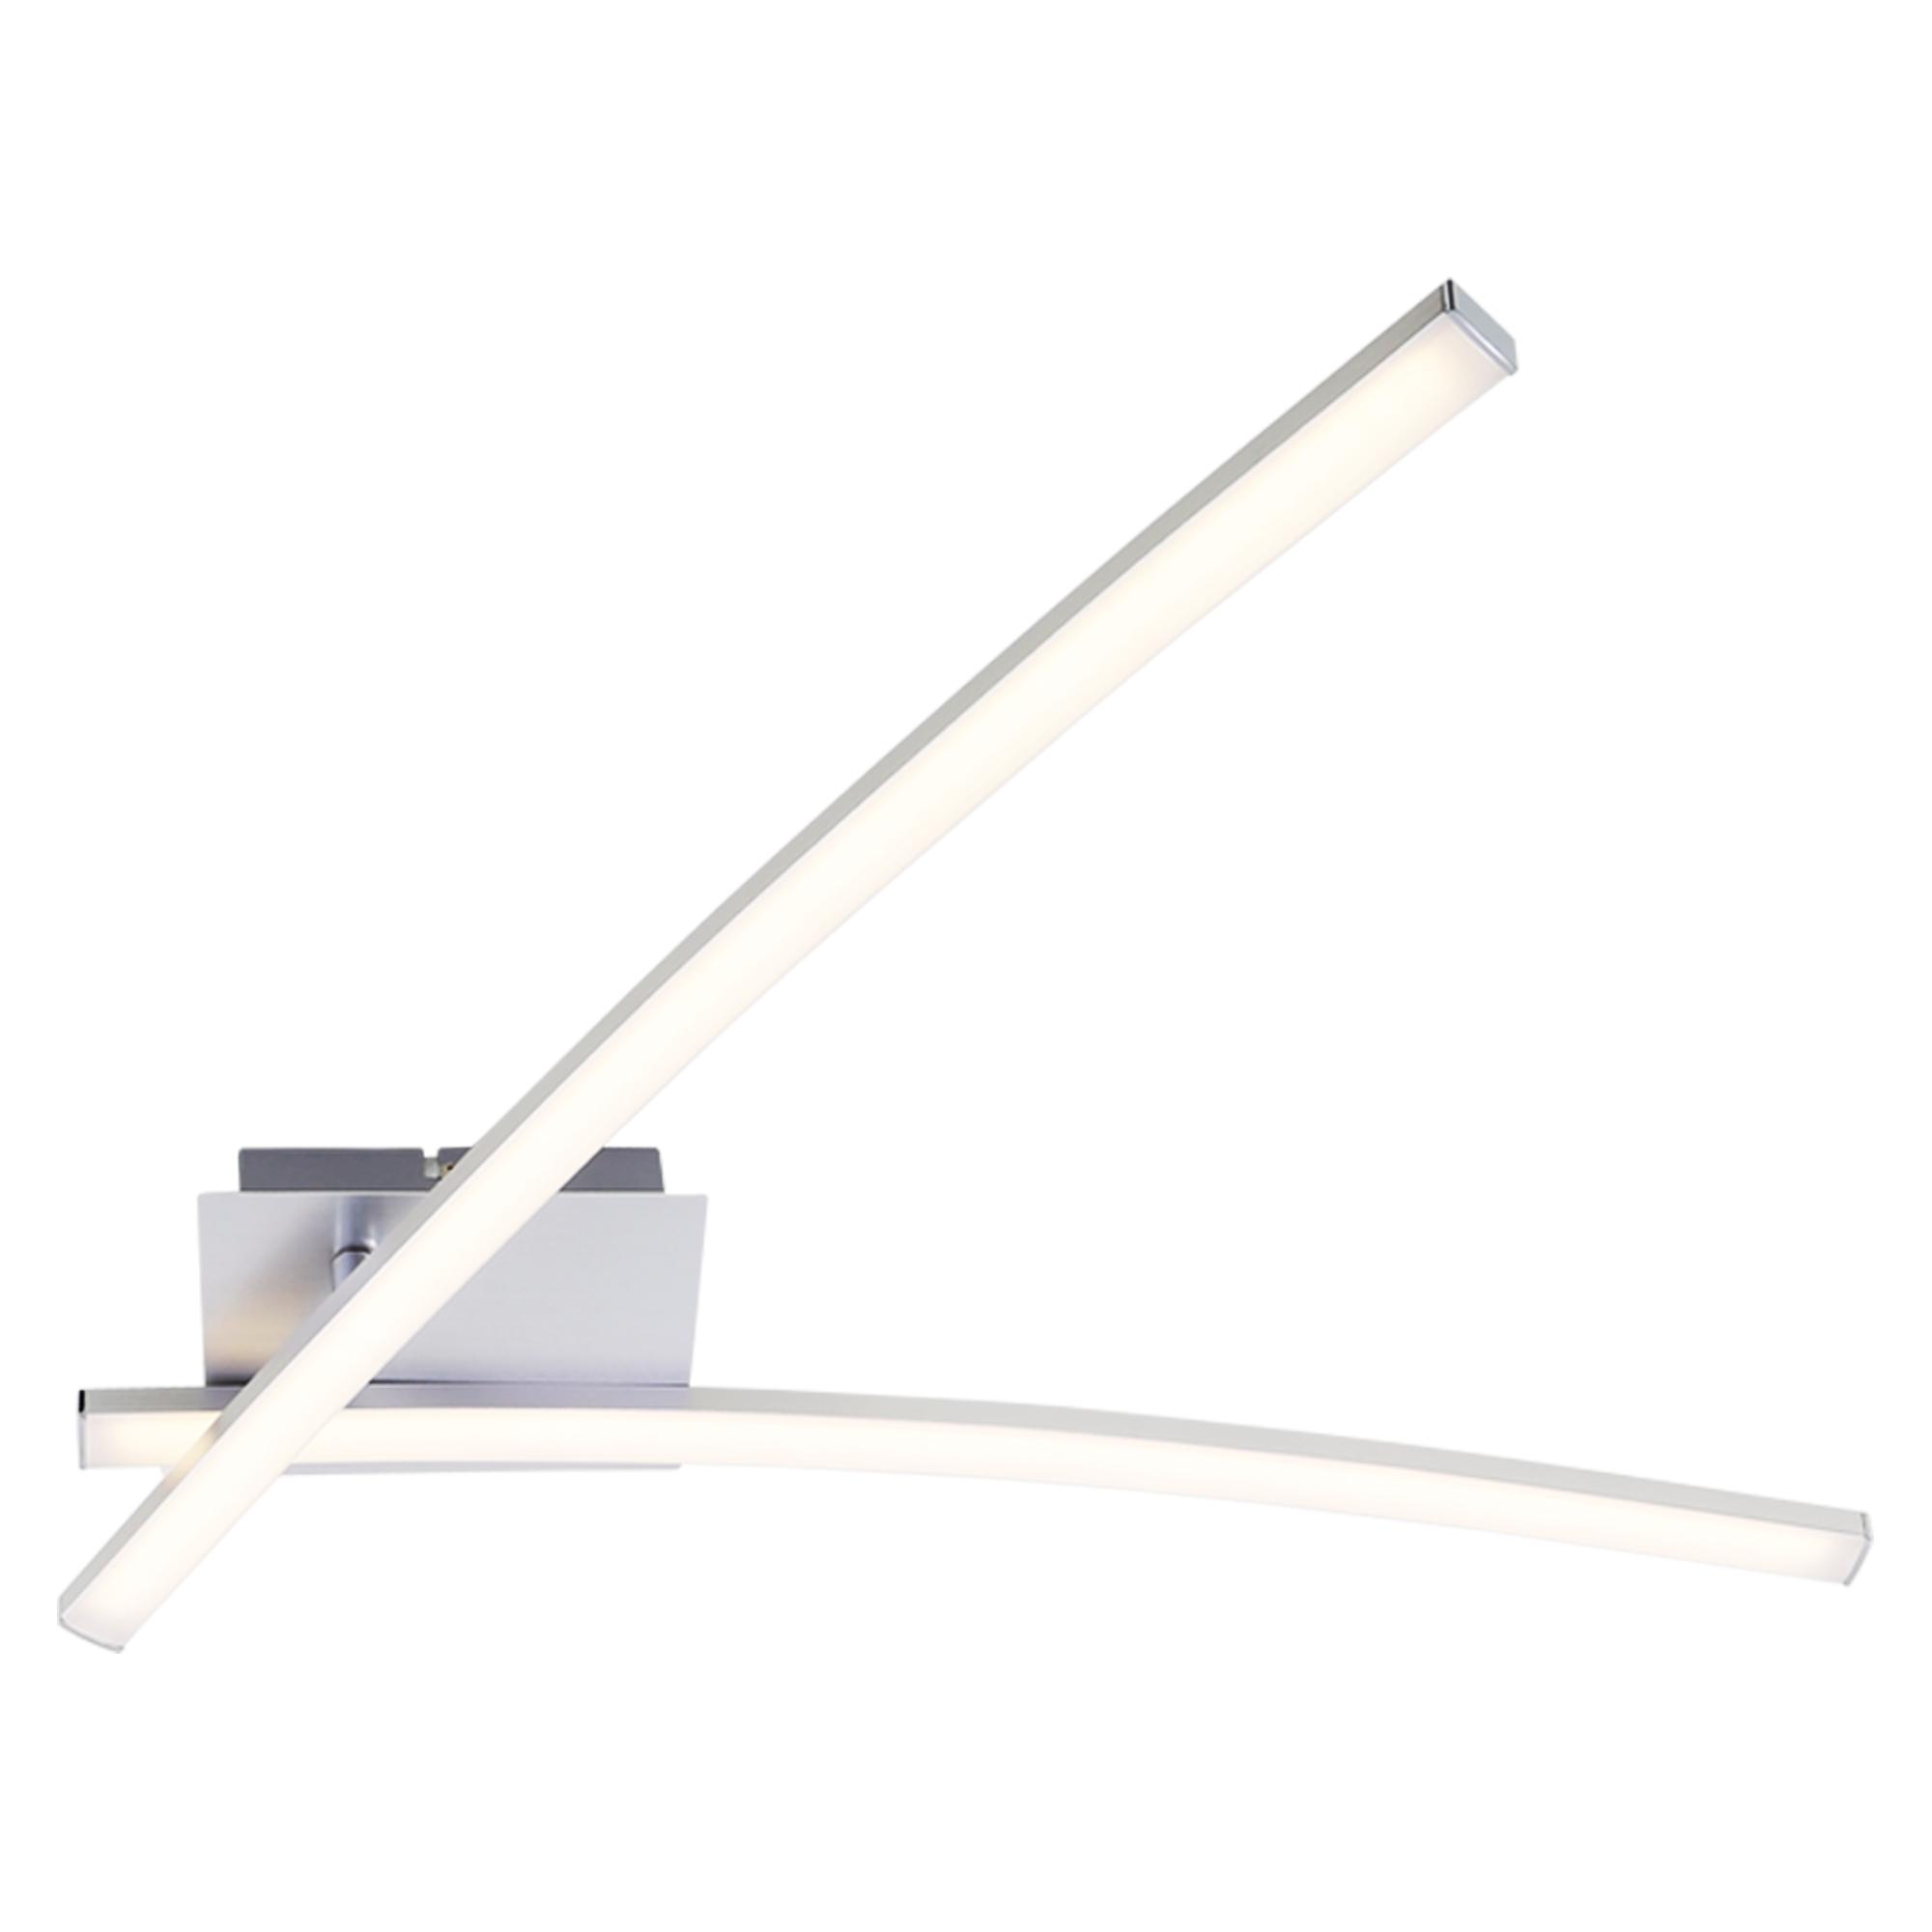 LED Wand- und Deckenleuchte, 78 cm, 18 W, Alu